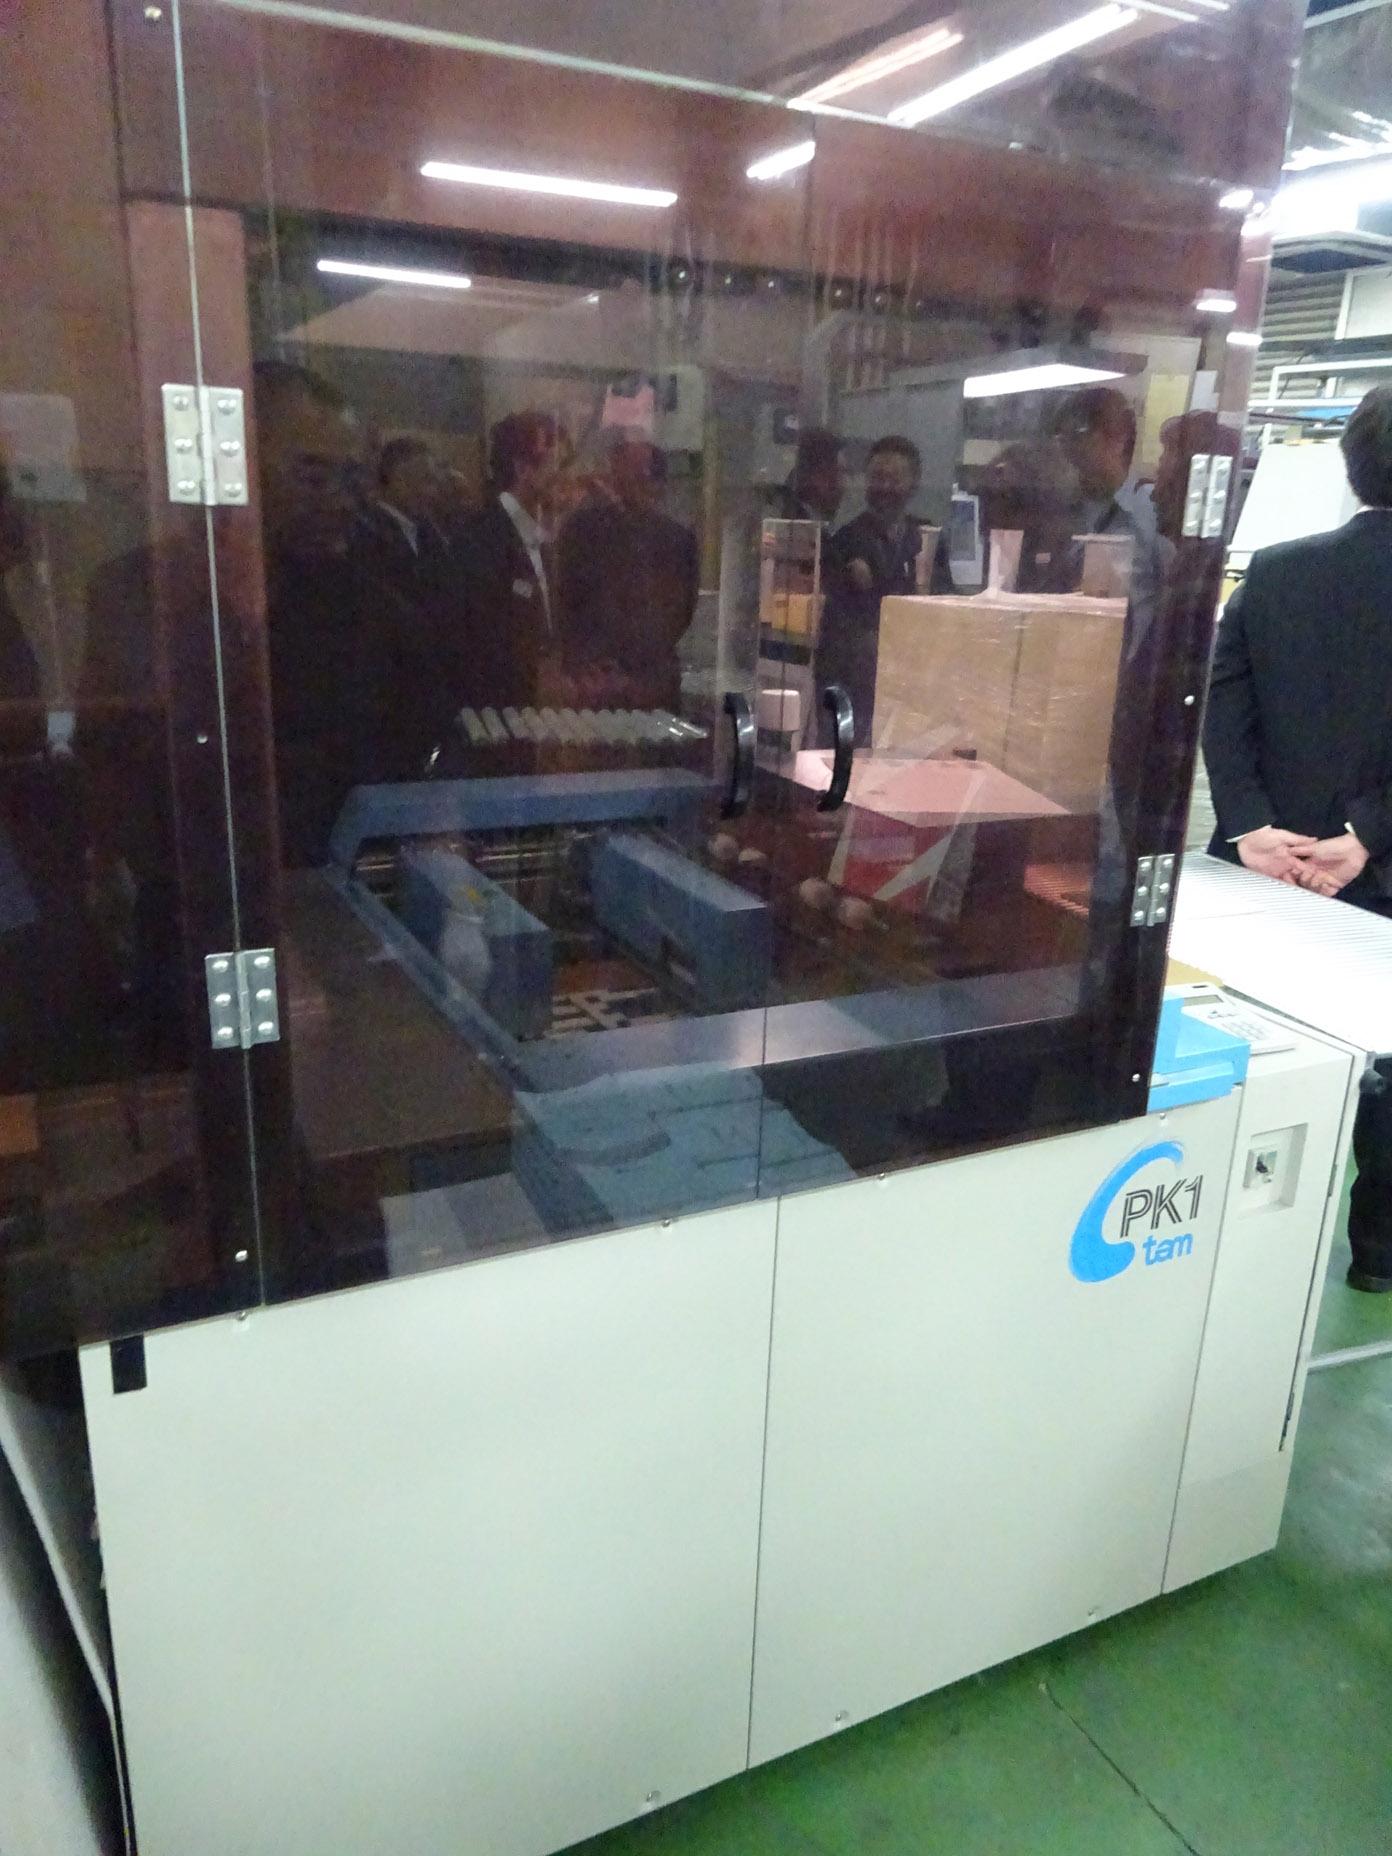 印刷物を自動で梱包する設備も設置されている